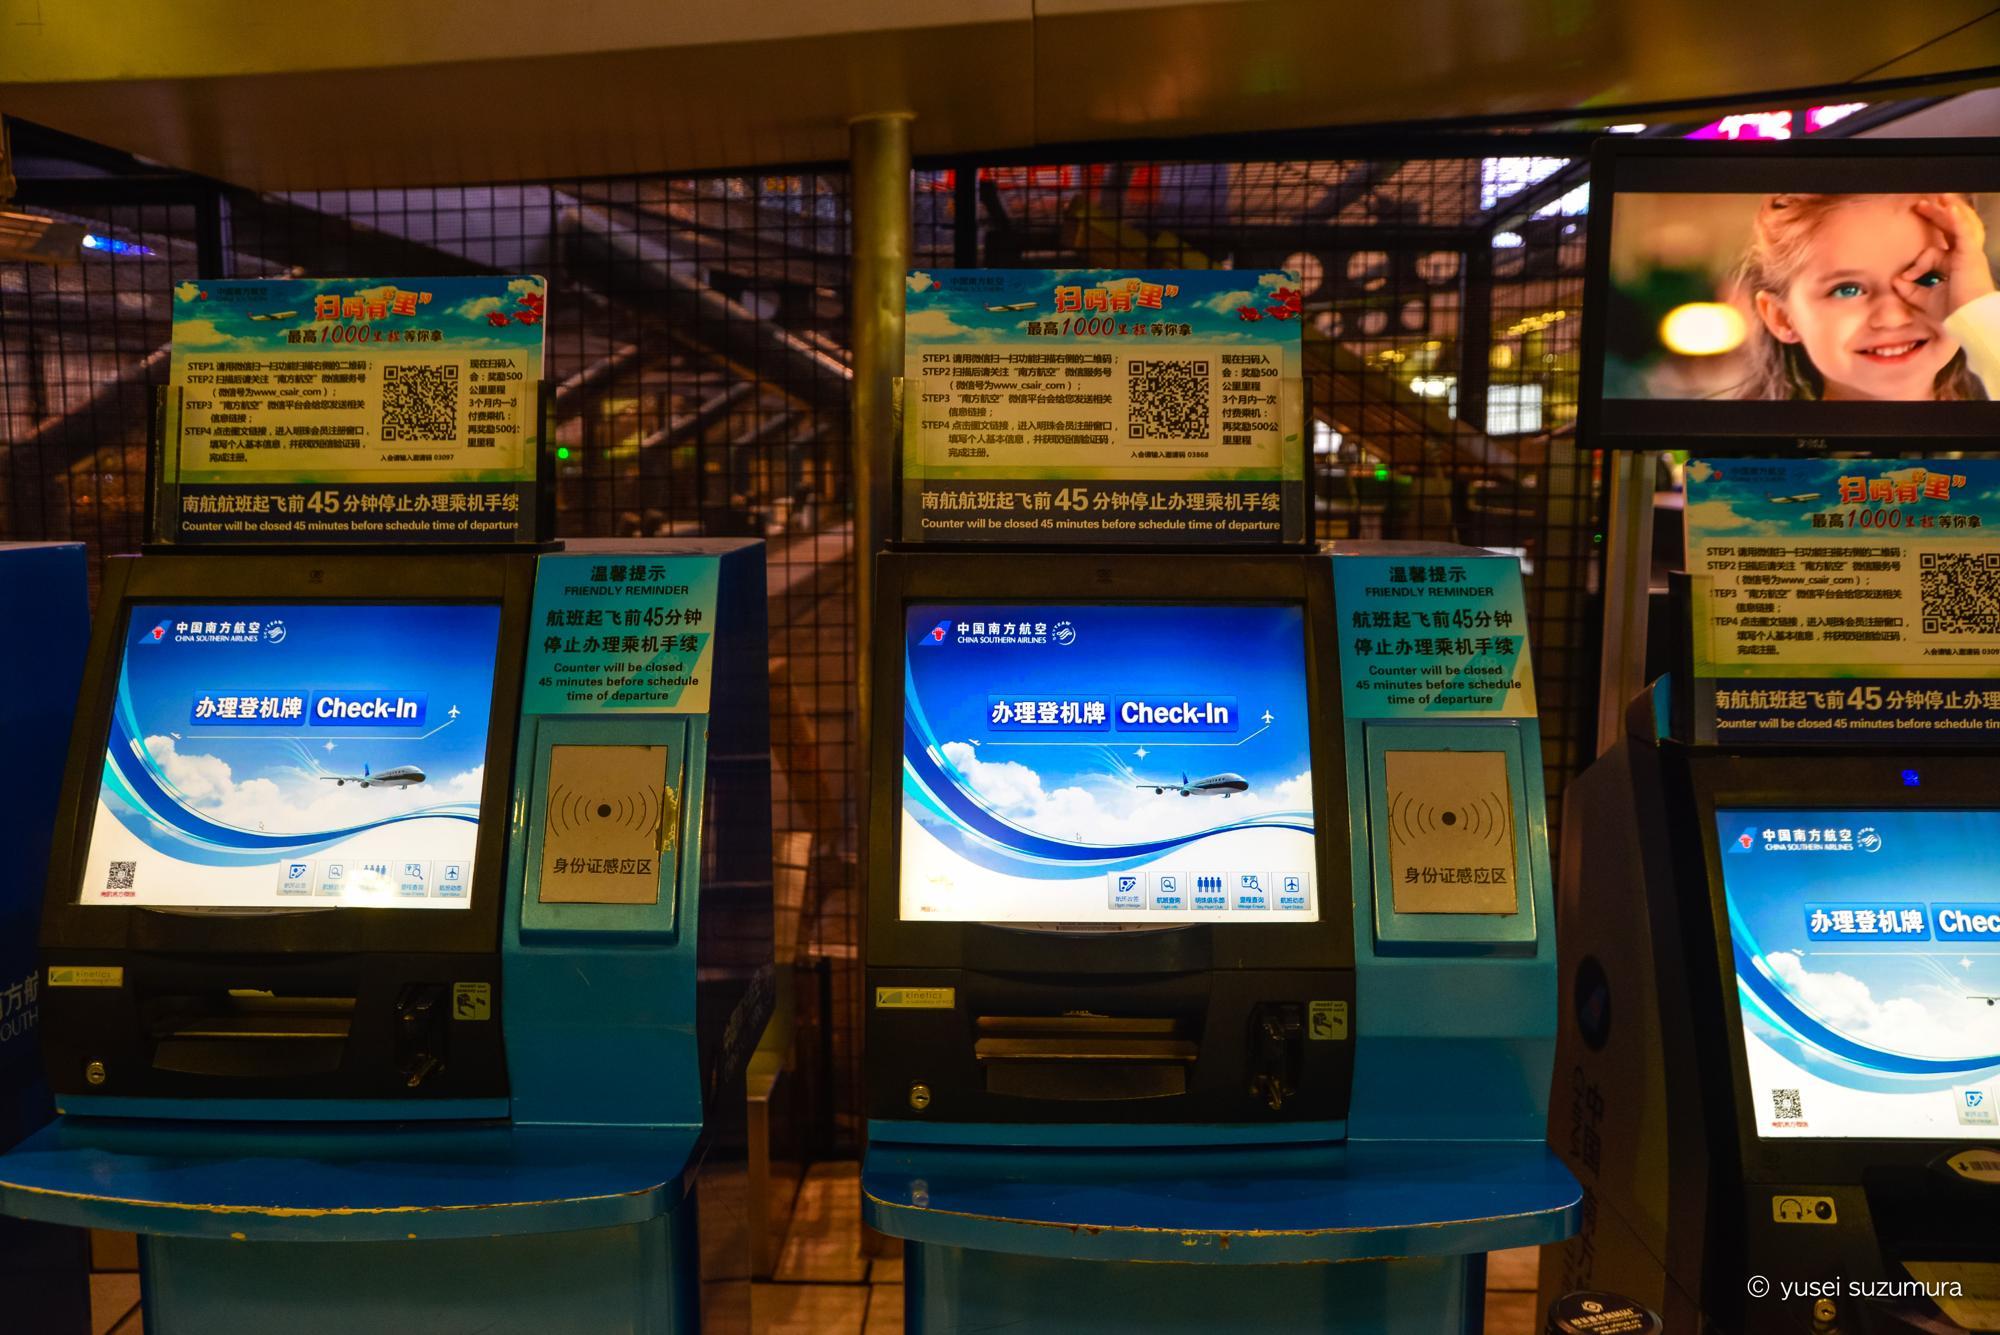 北京 空港 チケットカウンター